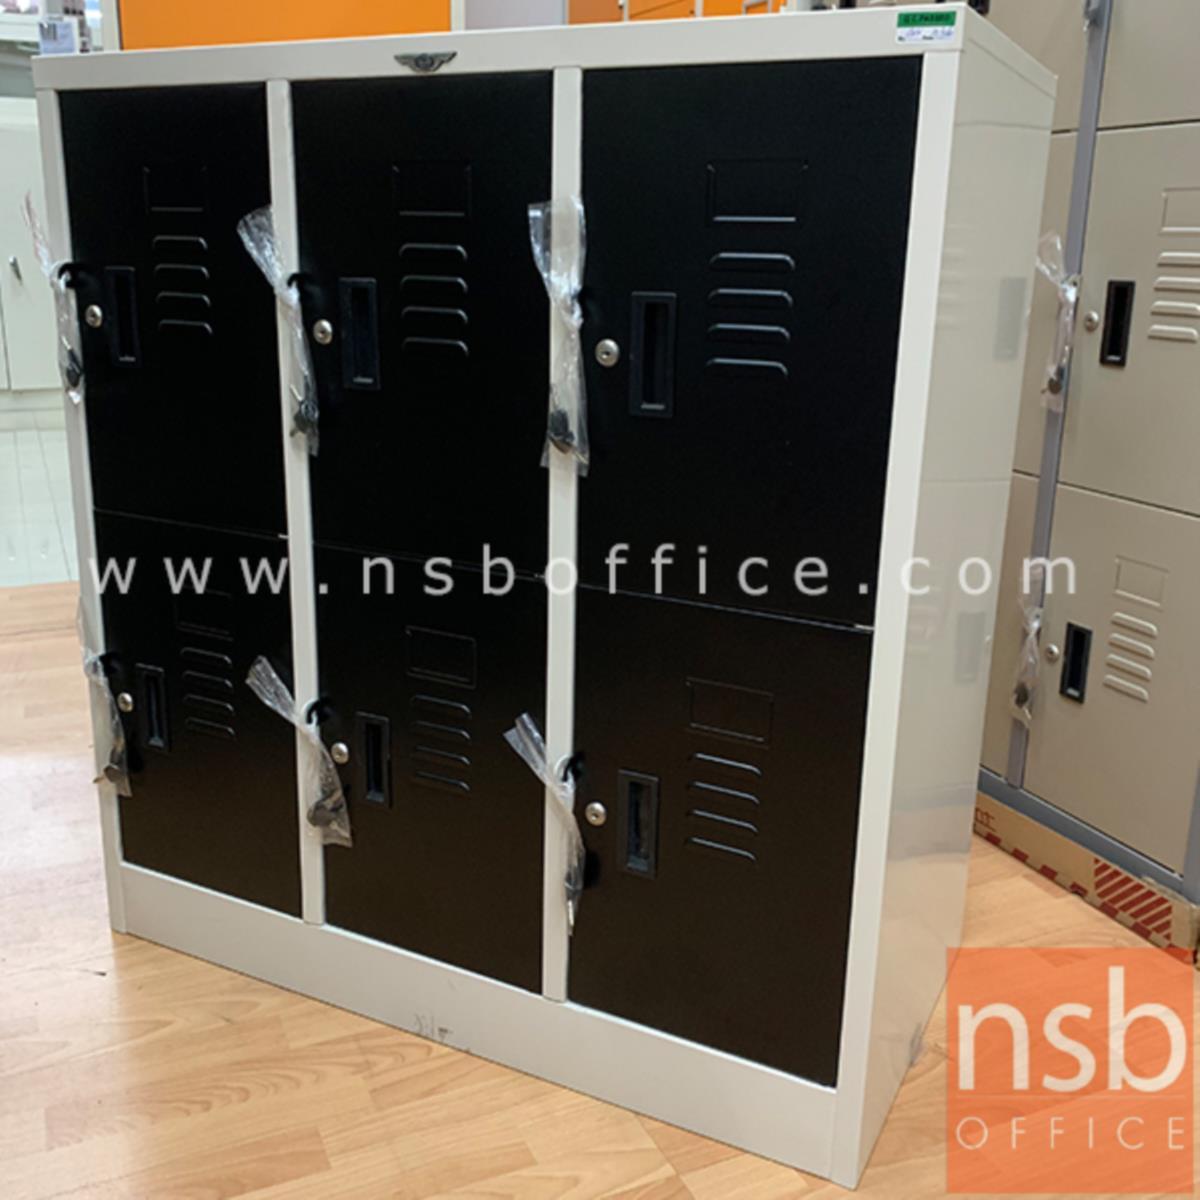 ตู้ล็อกเกอร์เหล็กเตี้ย 6 ประตู  รุ่น Rosemond (โรสมอนด์)  ขนาด 91.2W*45.7D*97.7H cm.